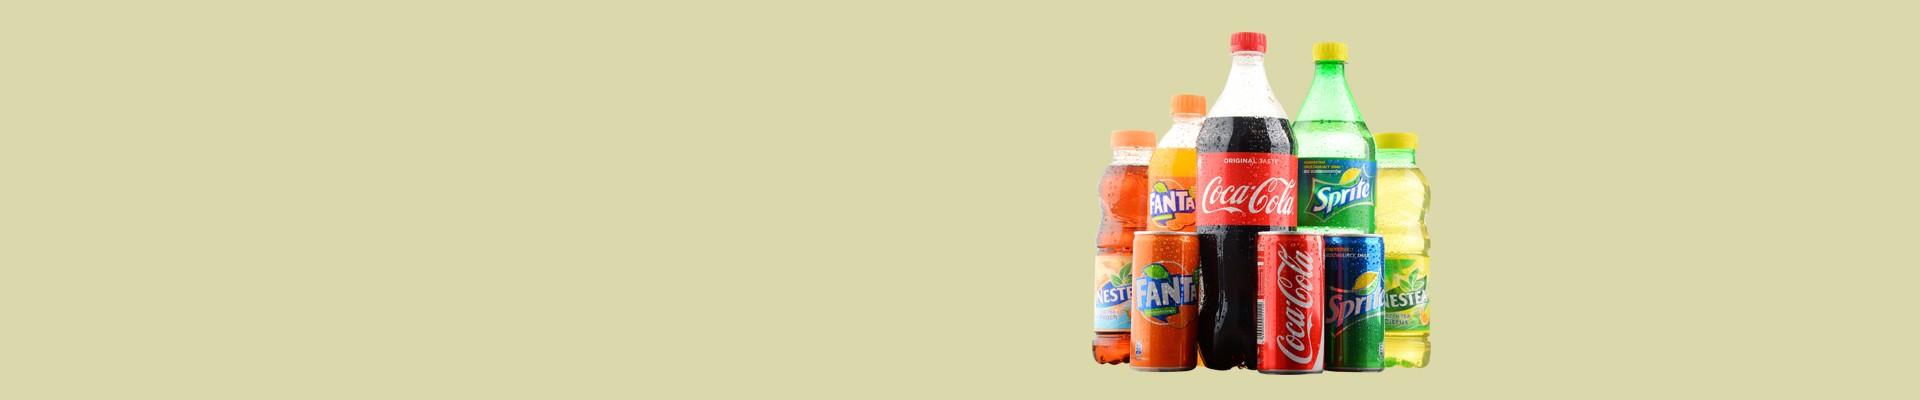 Jual Minuman Rasa - Harga Lebih Murah